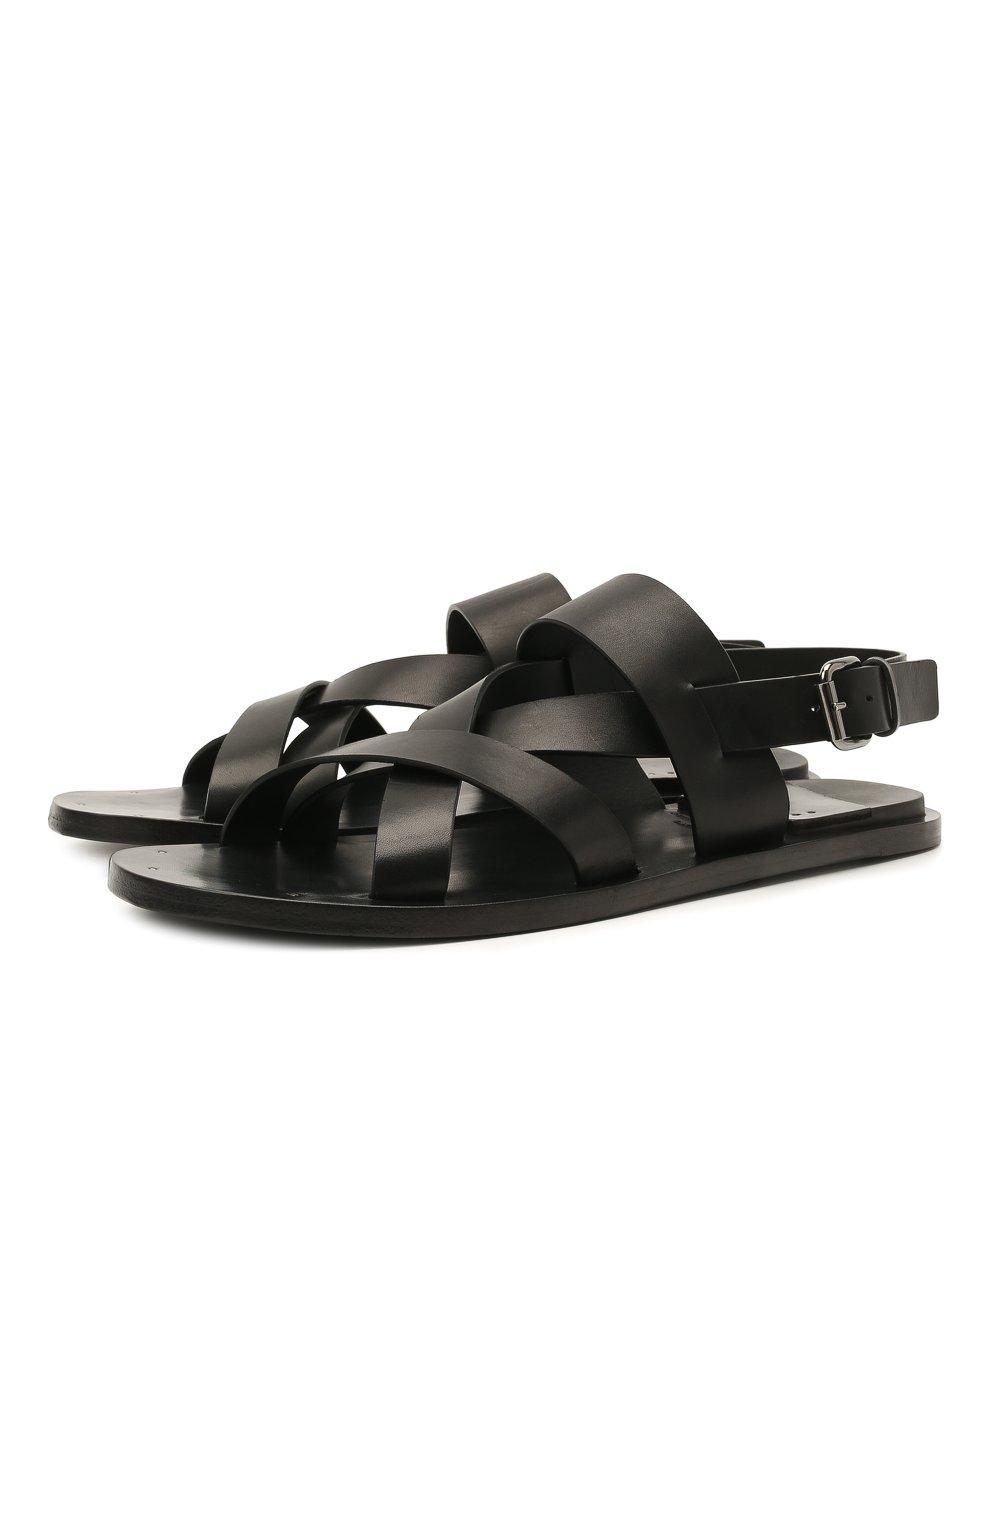 Мужские кожаные сандалии OFFICINE CREATIVE черного цвета, арт. K0NTRAIRE/005/SPALLA PIUMA | Фото 1 (Материал внутренний: Натуральная кожа)